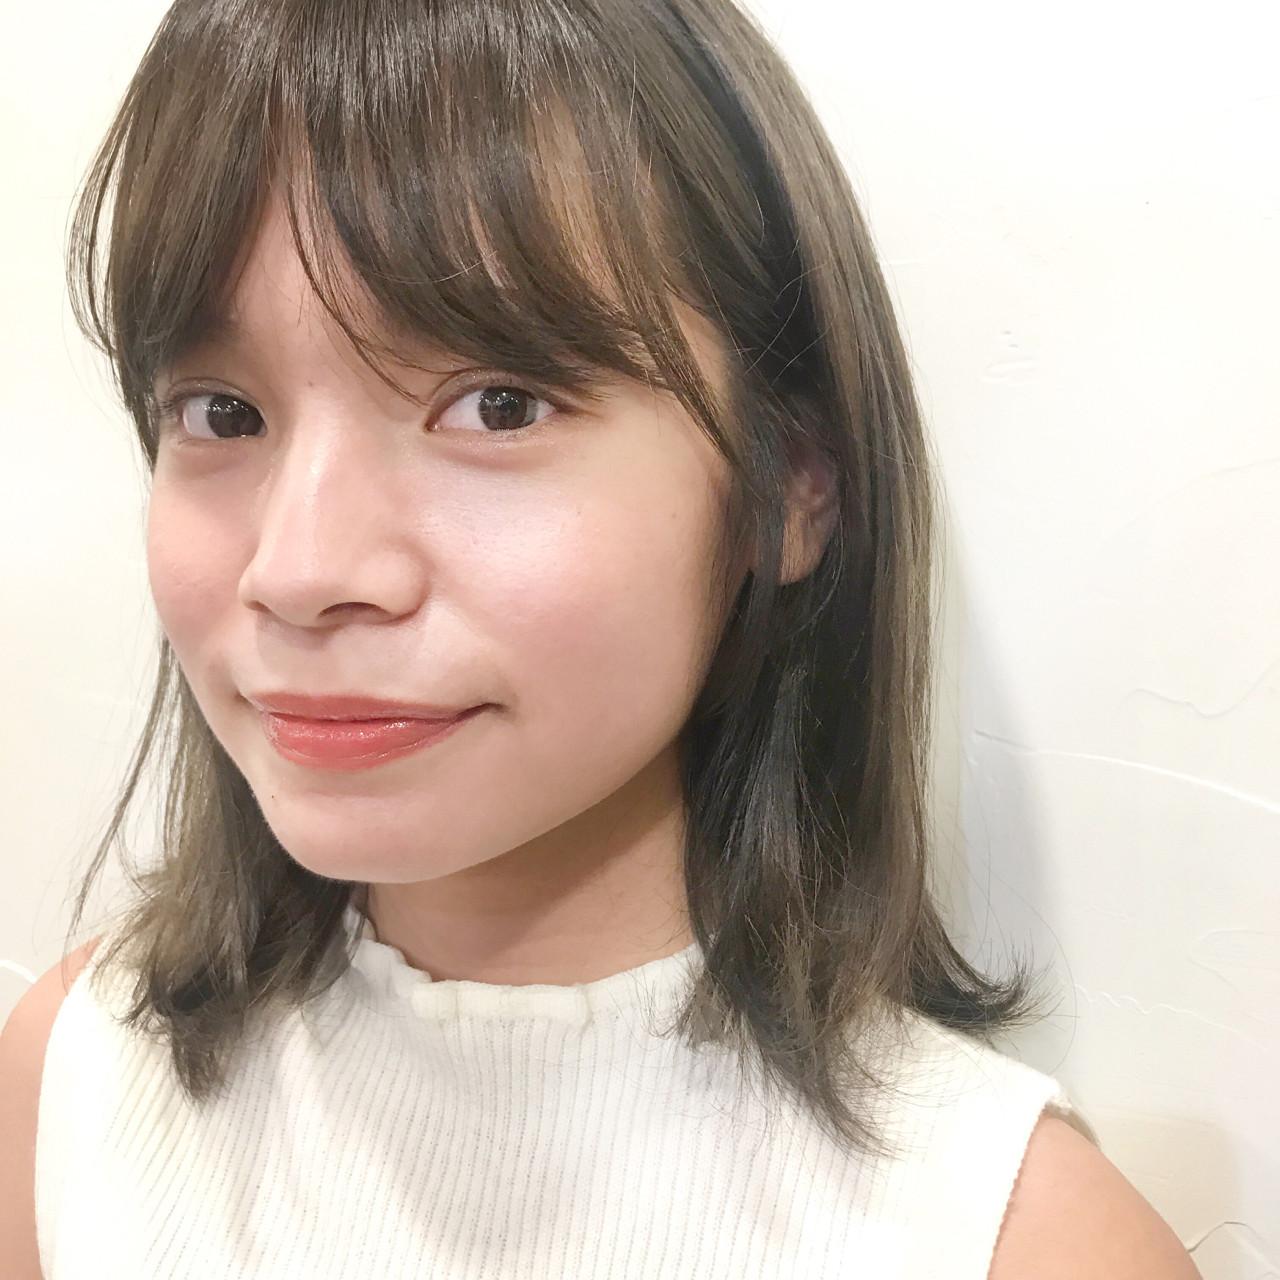 レイヤーカット ベージュ ブルーアッシュ 透明感 ヘアスタイルや髪型の写真・画像